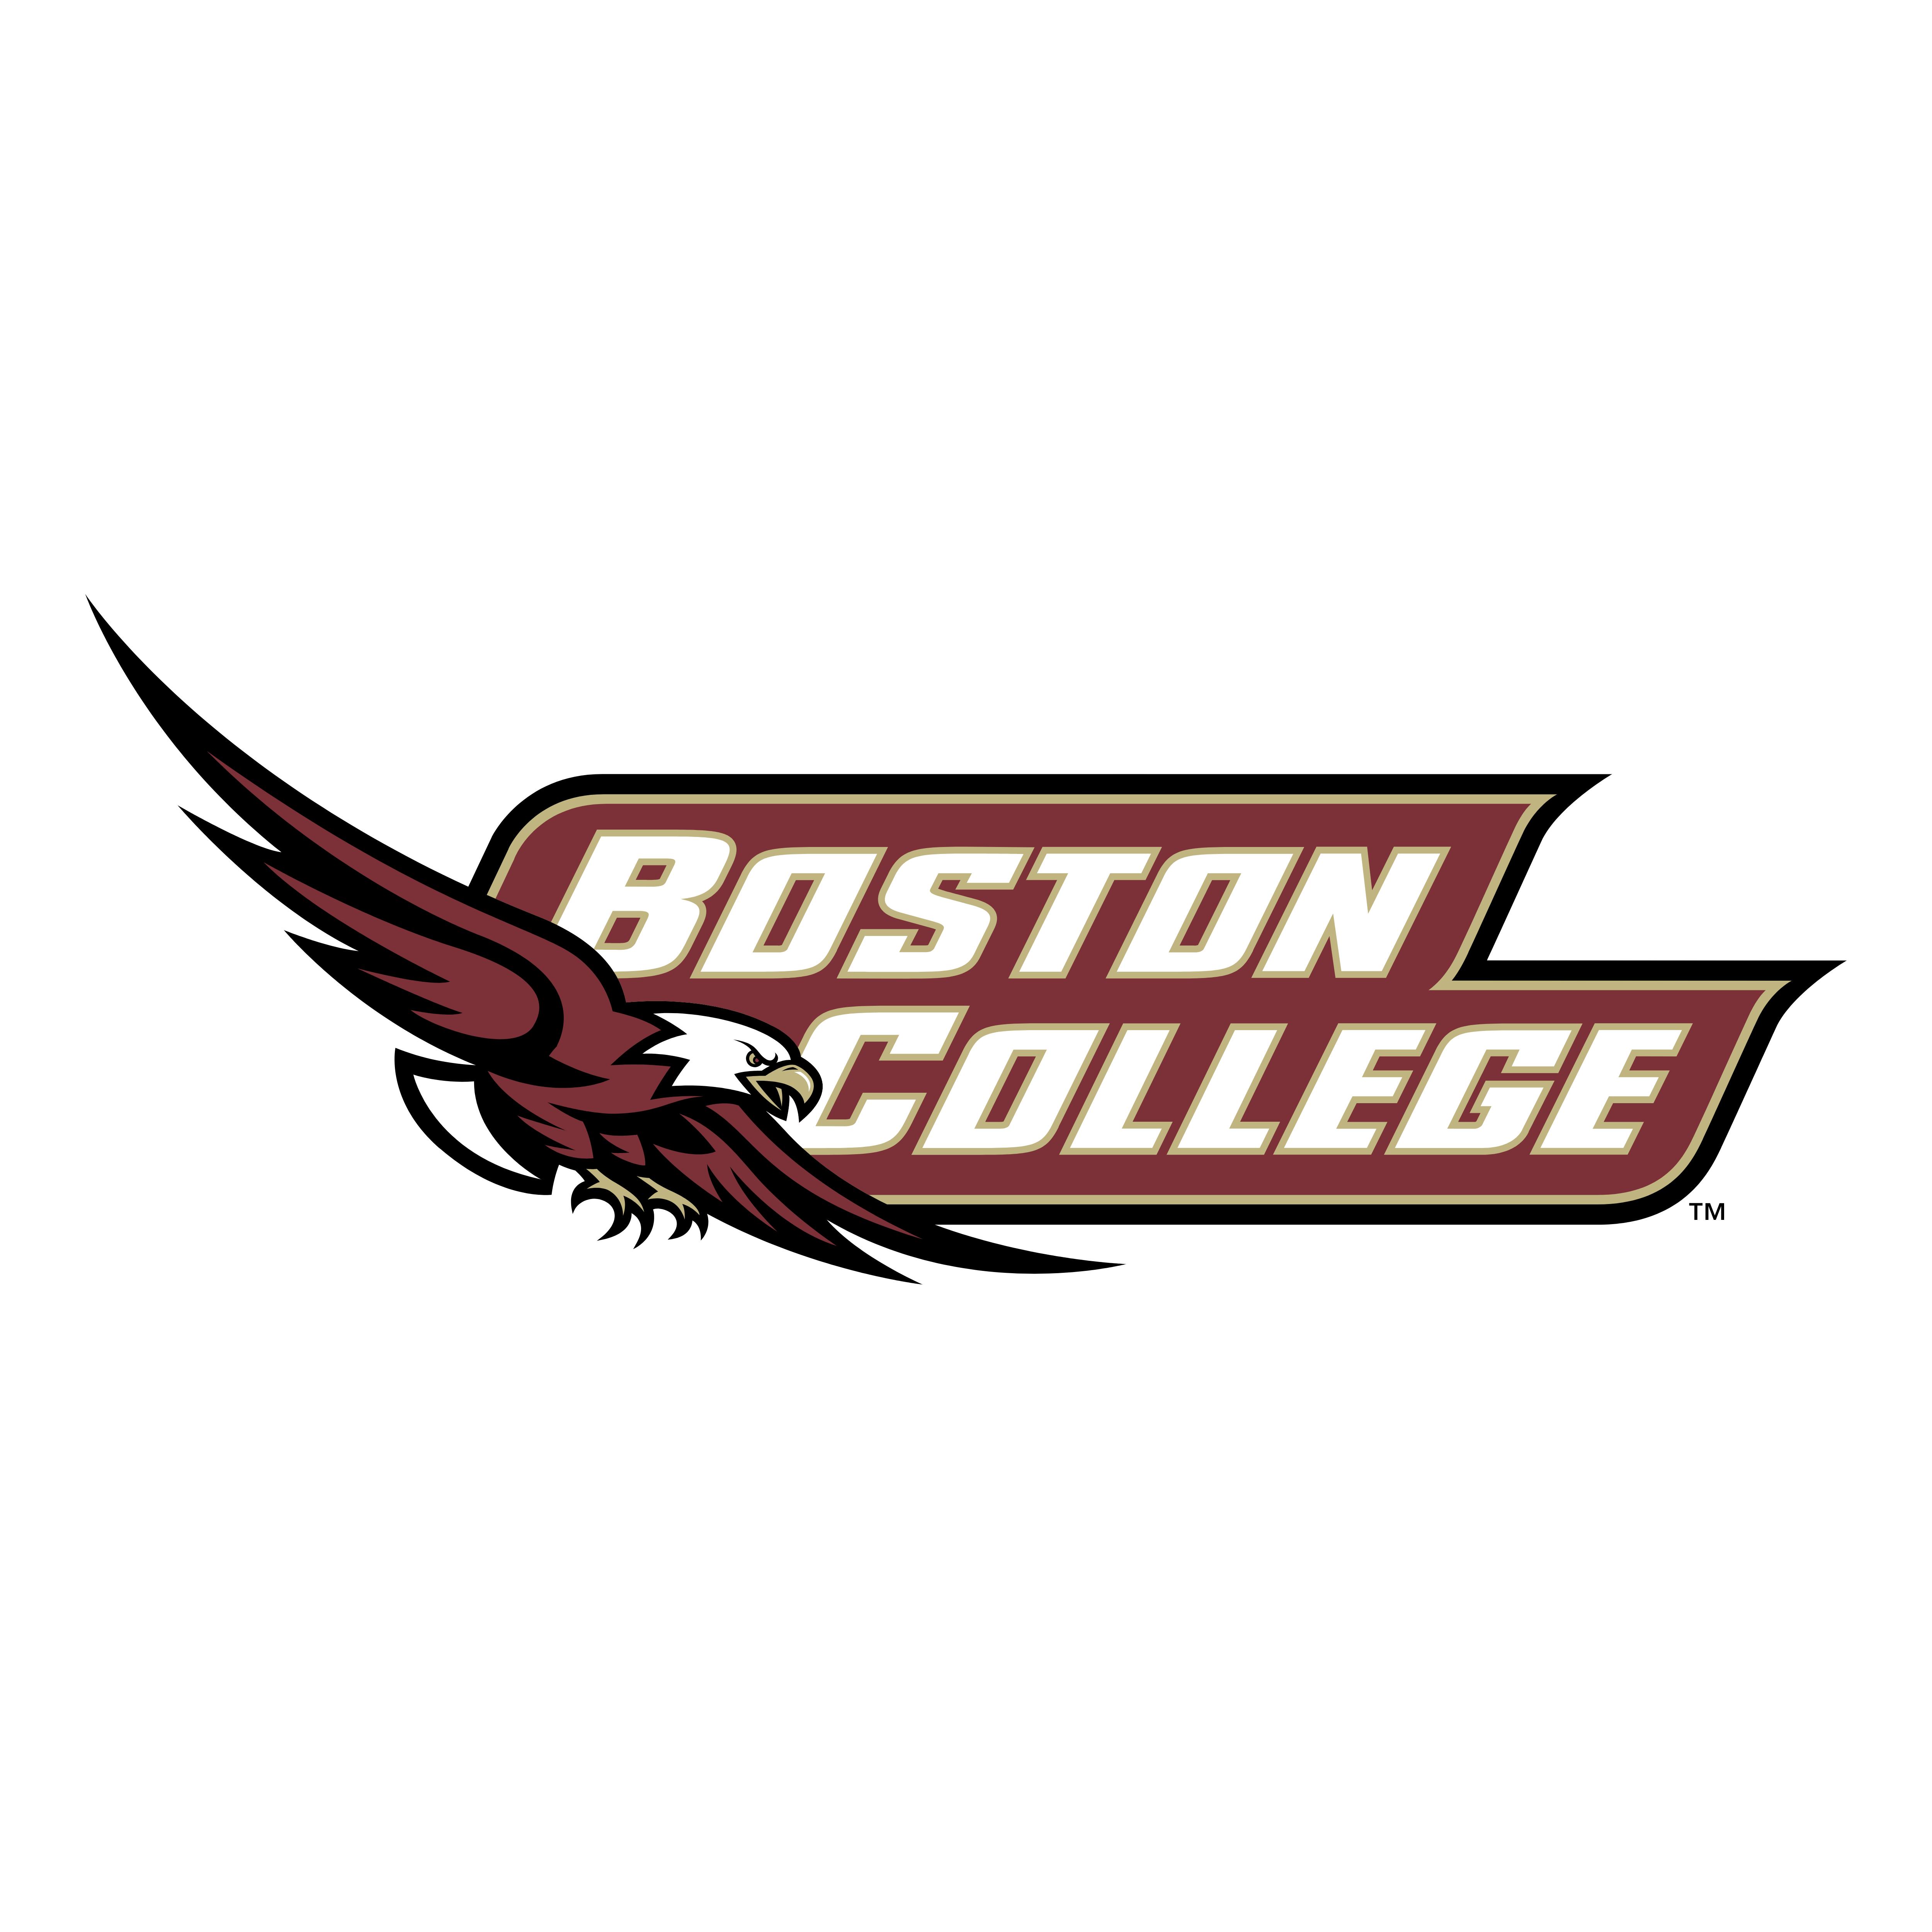 boston college eagles logos download rh logos download com boston college logo png boston college logo download